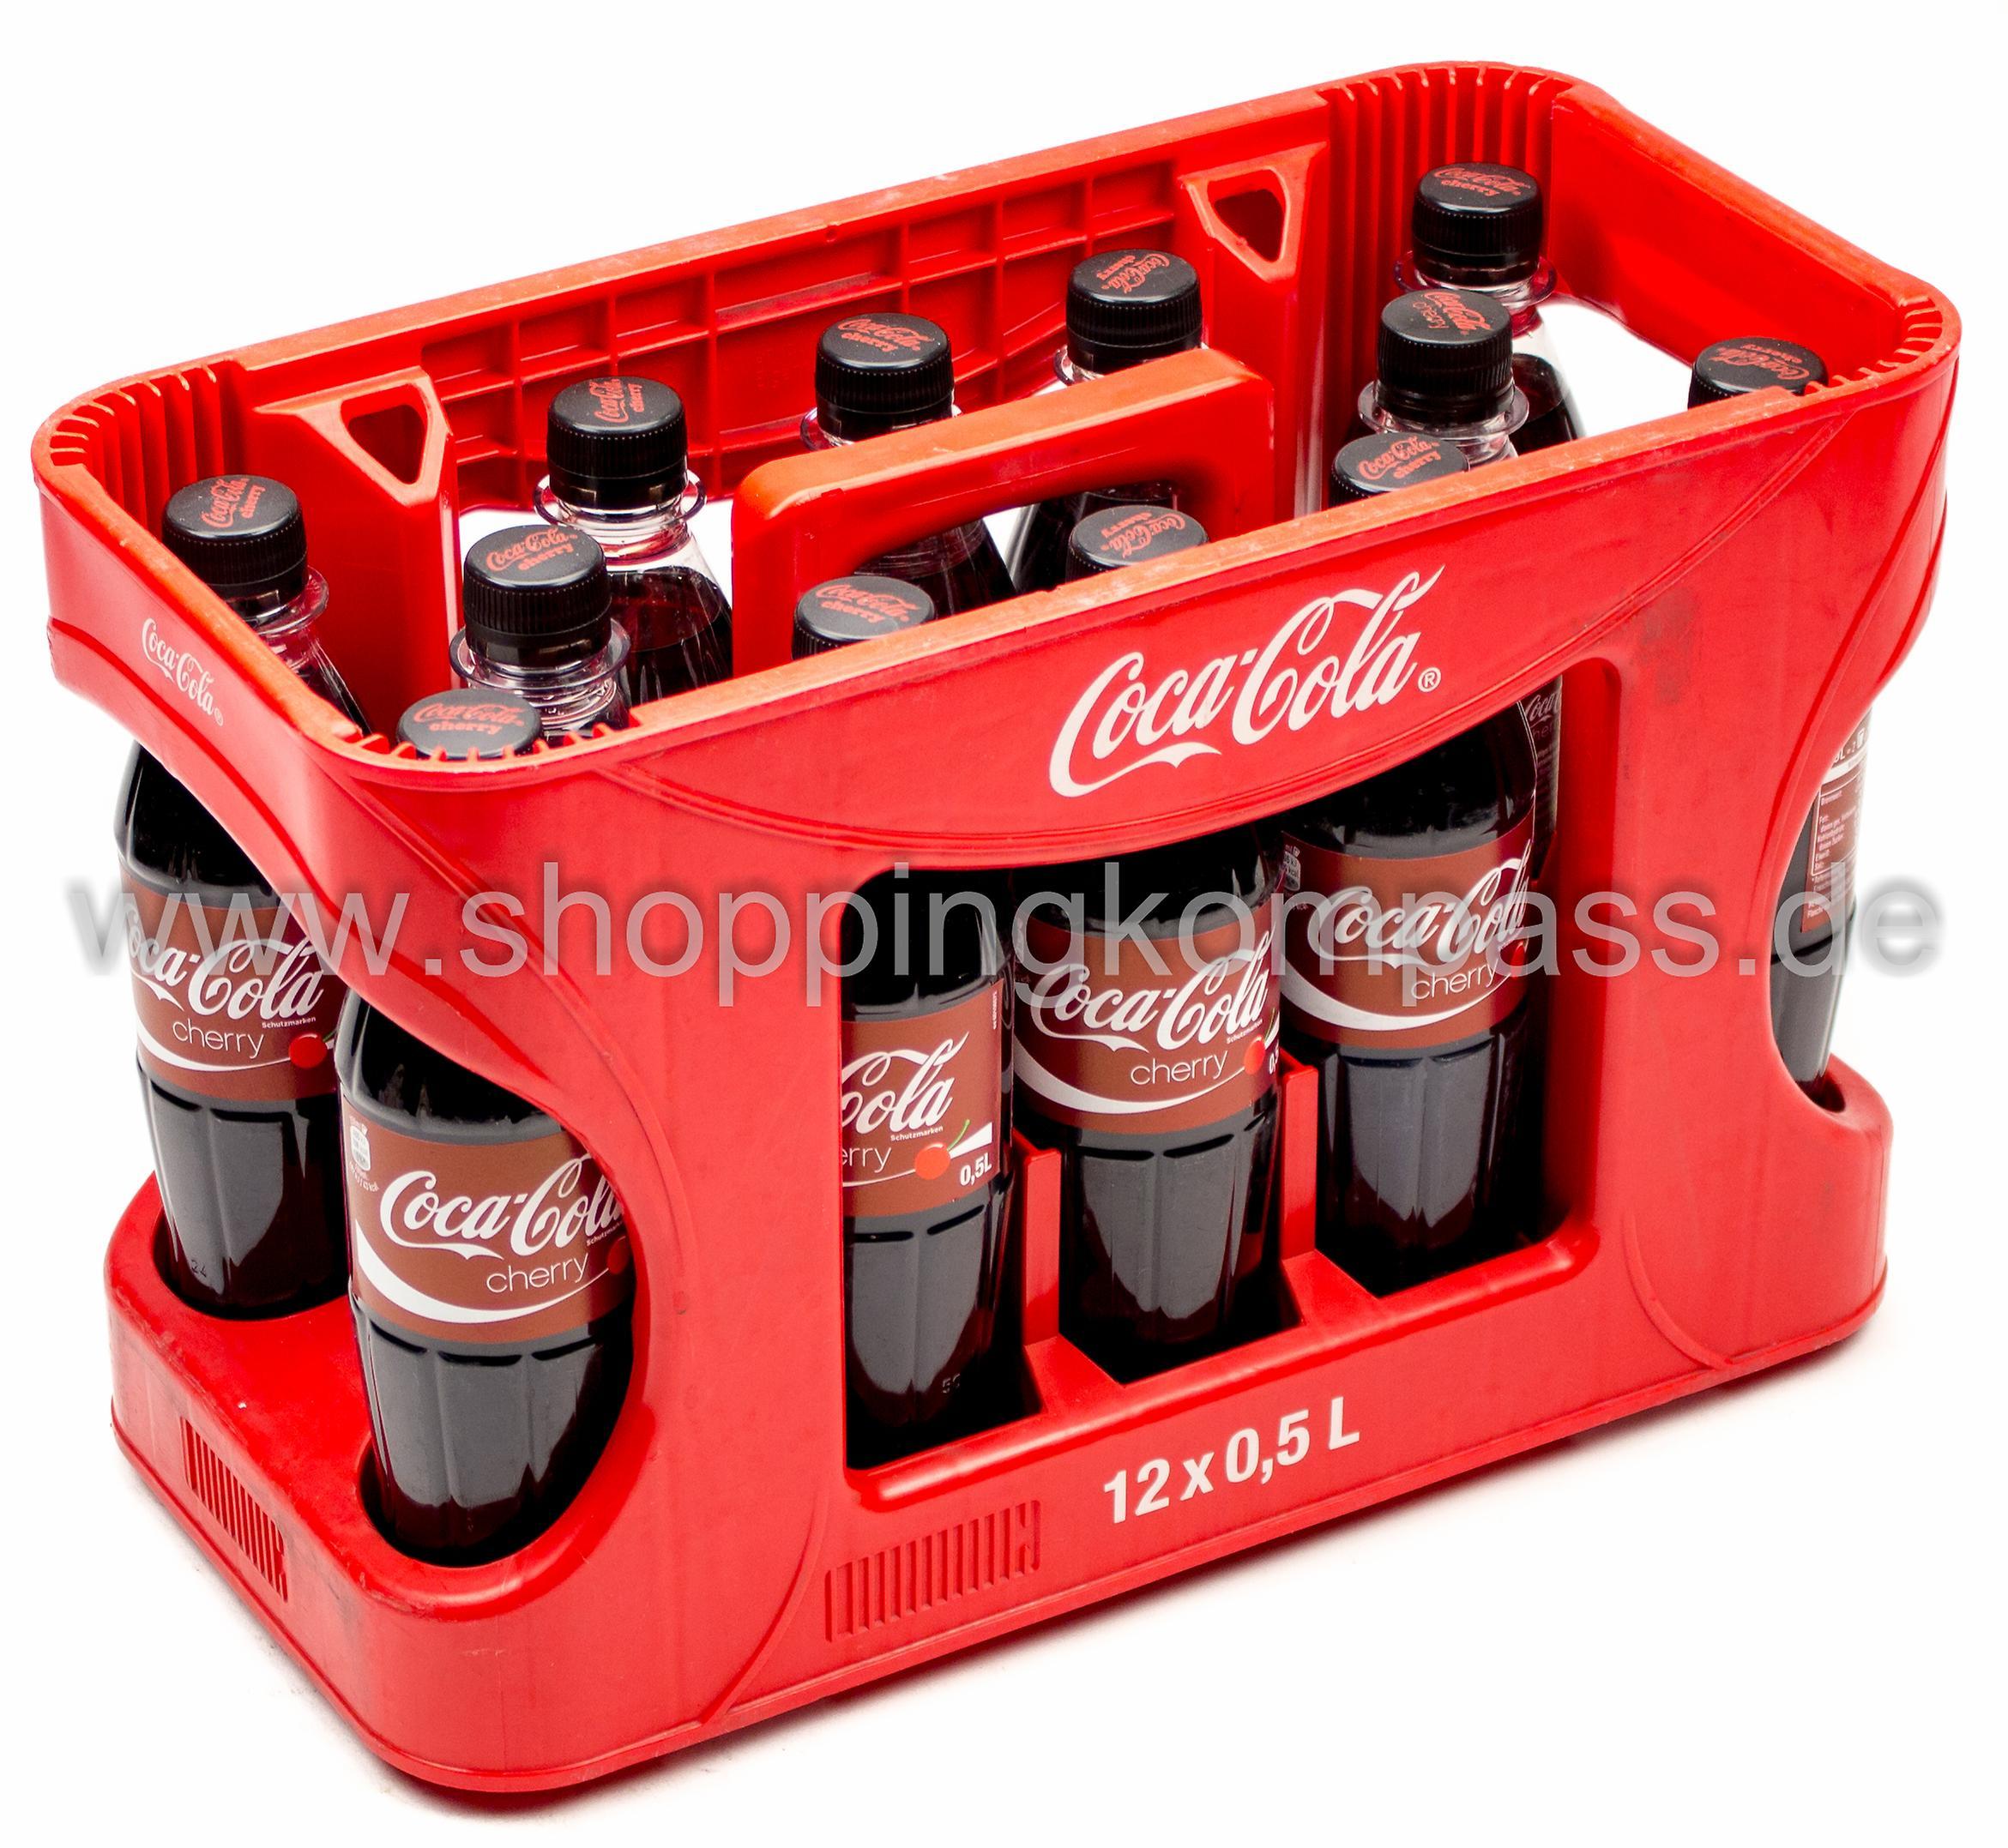 Coca Cola Cherry Kasten 12 X 05 L Pet Mehrweg